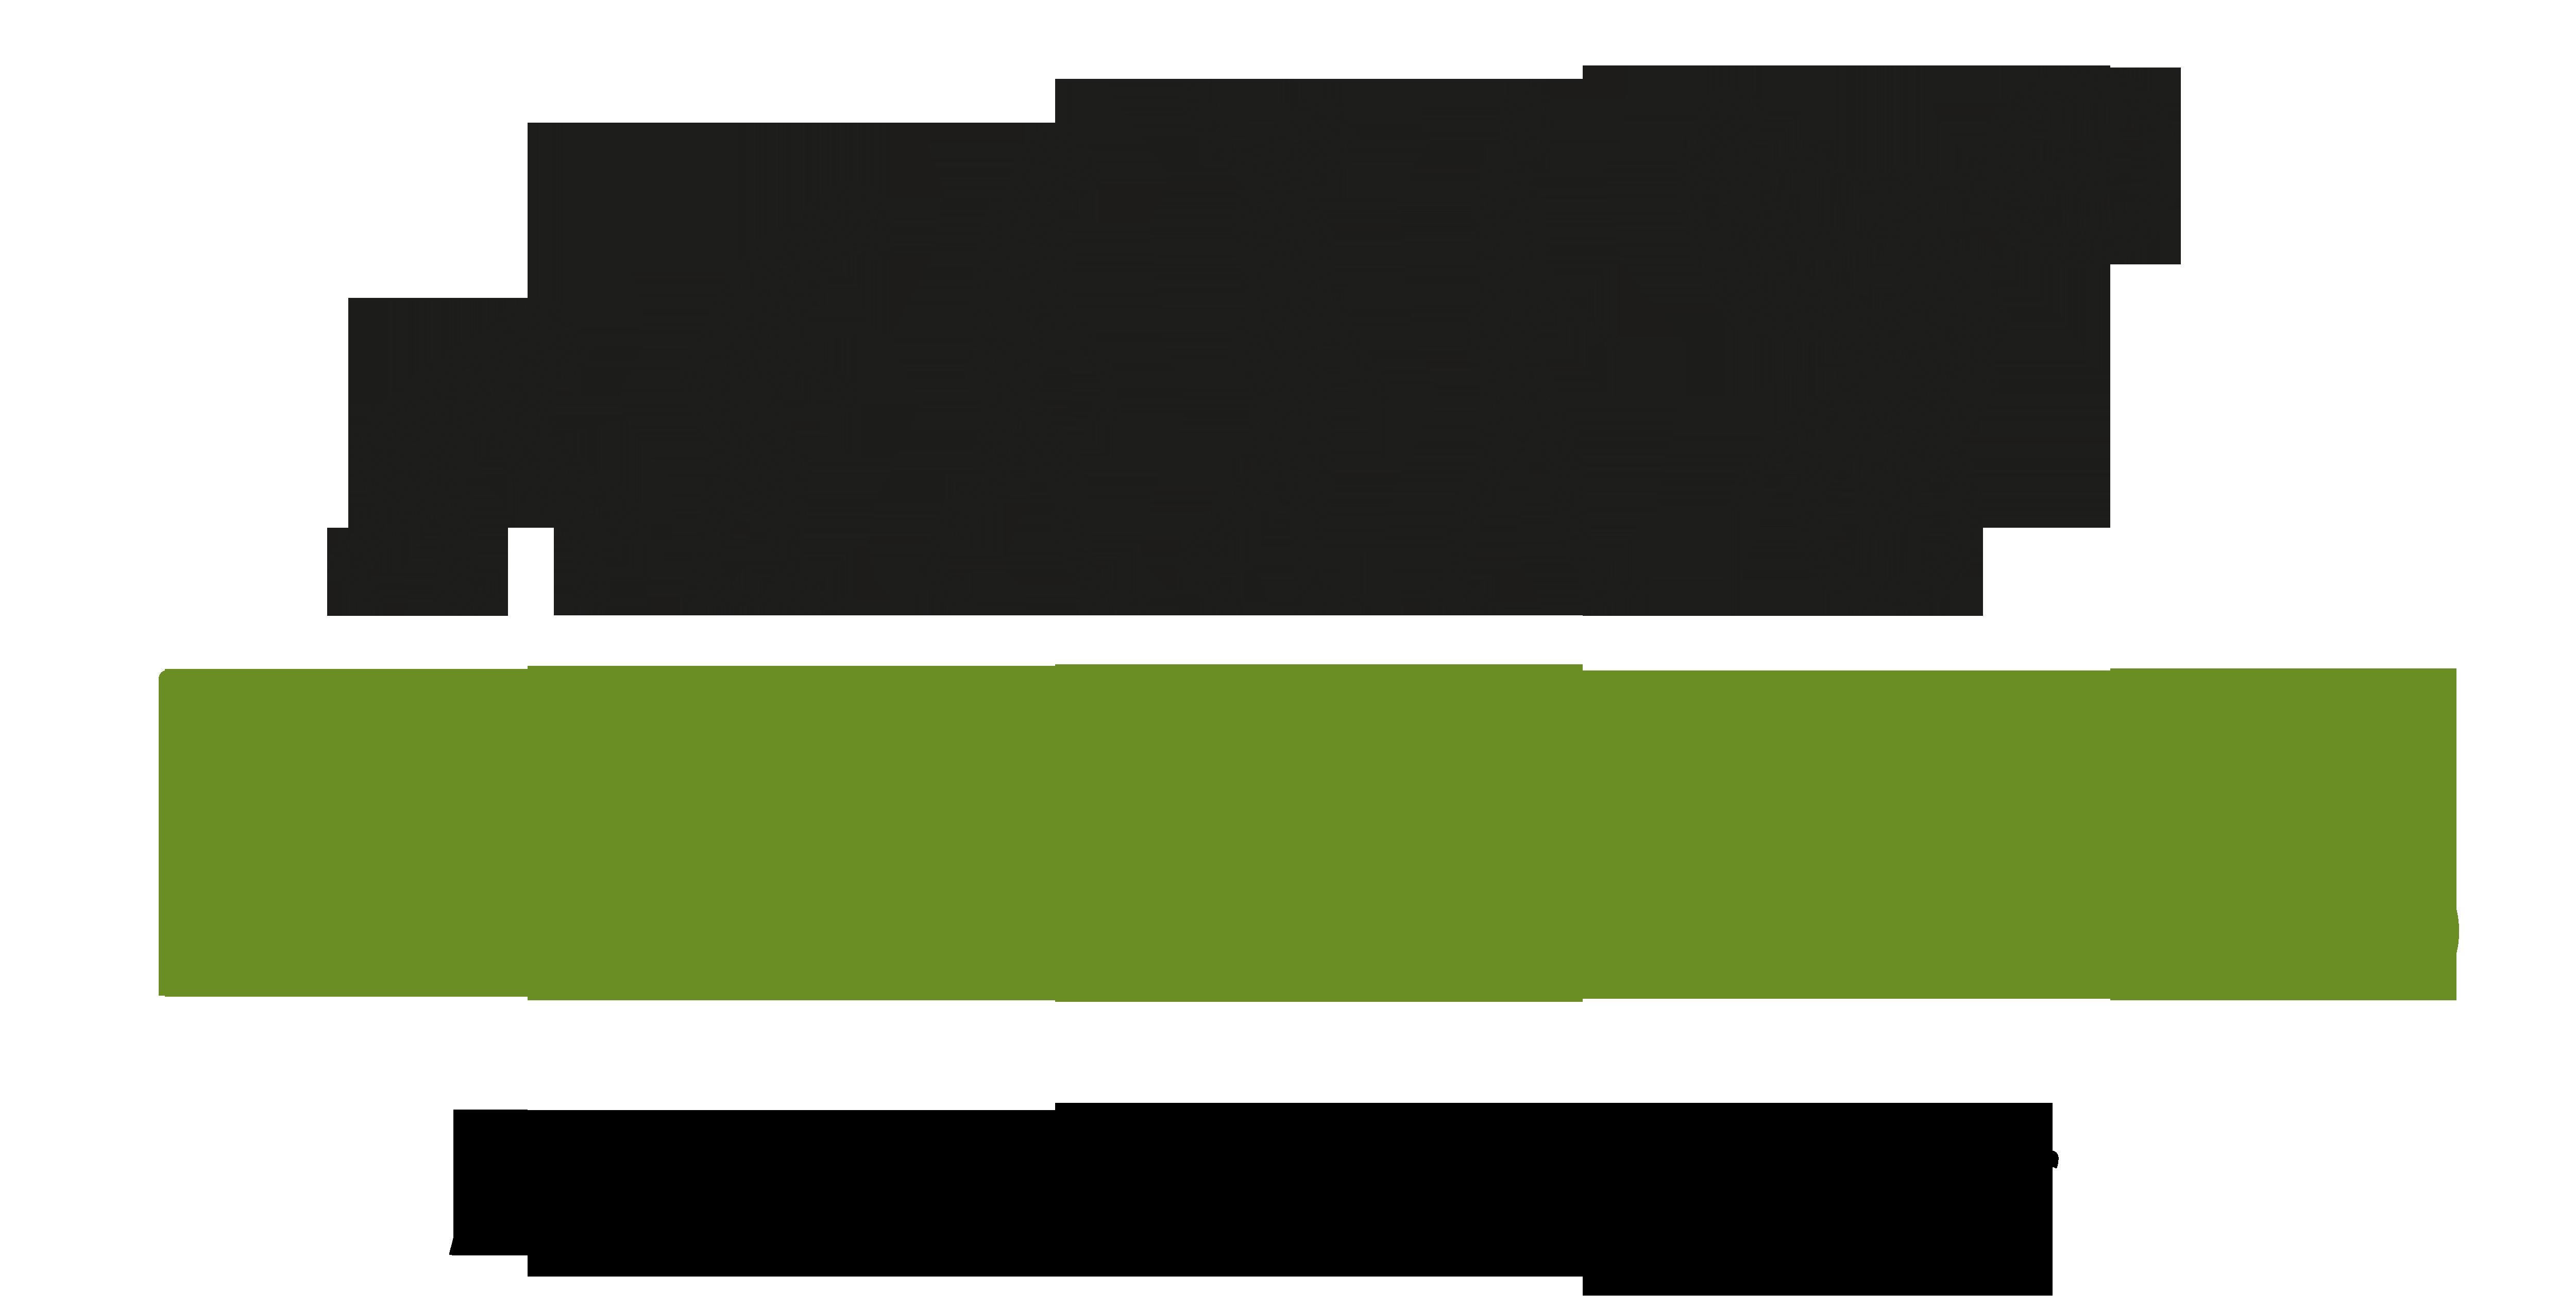 Fahrschule Voß GmbH & Co. KG